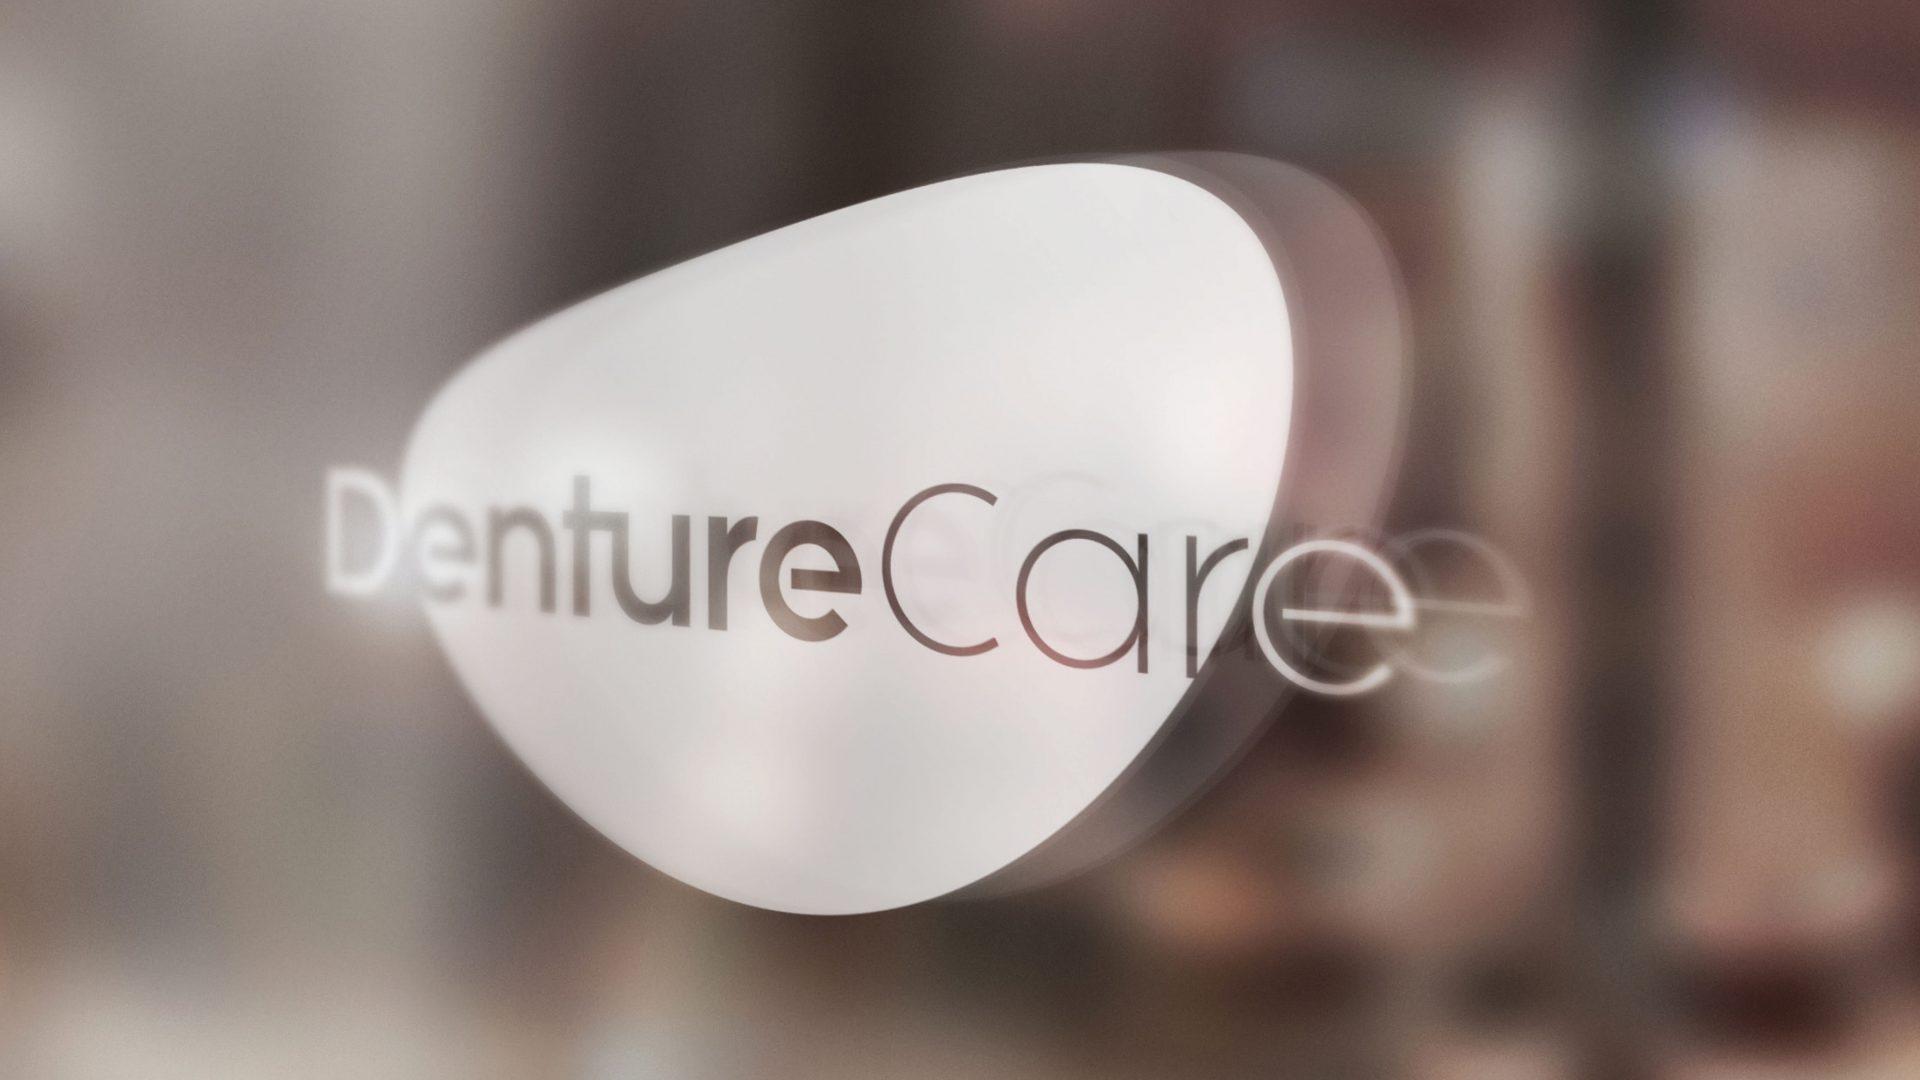 Denture Care Kreatiekamer